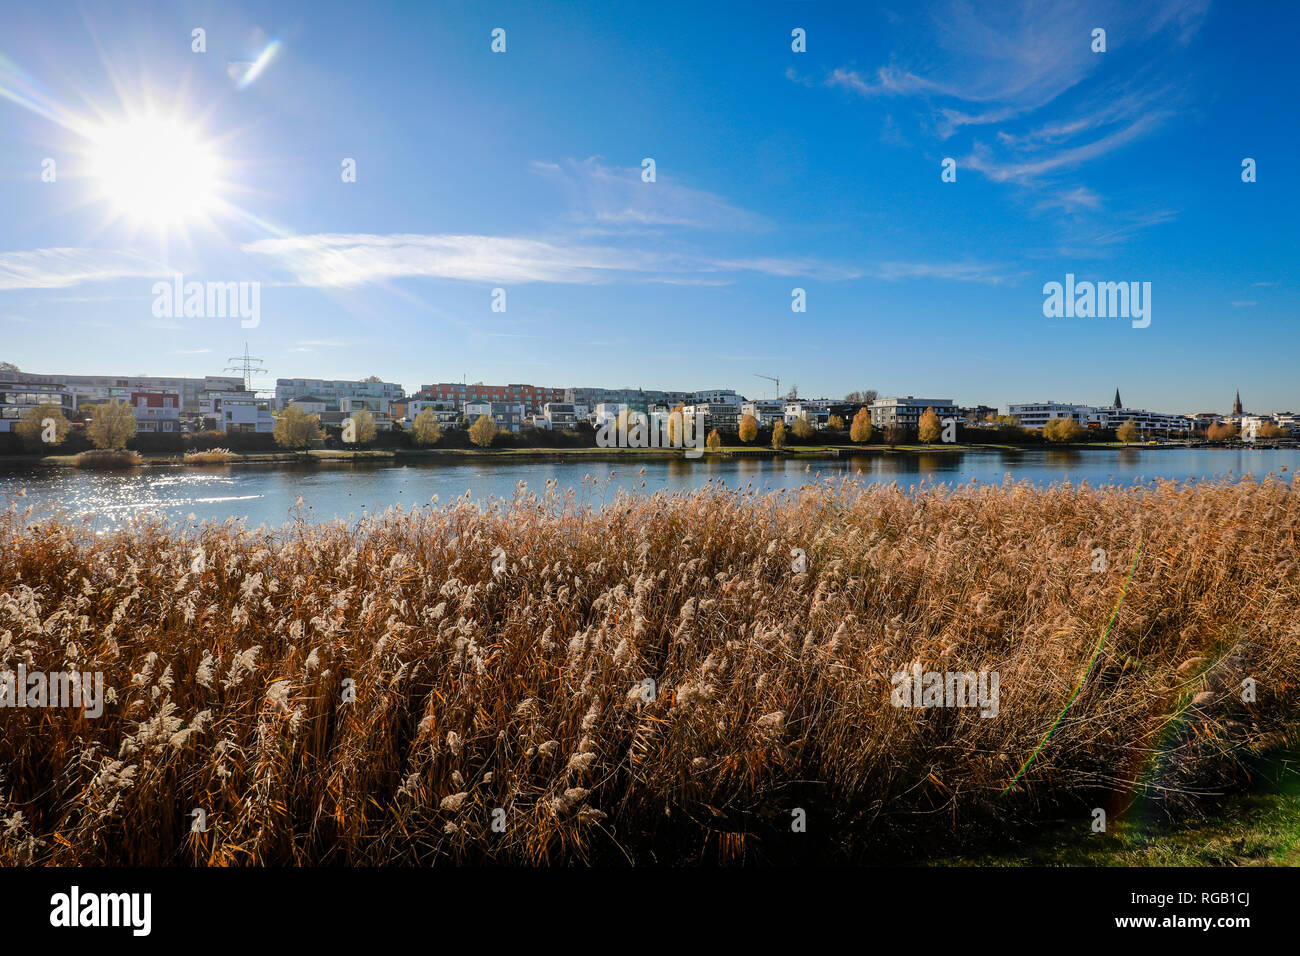 Dortmund, Renania del Norte-Westfalia, área de Ruhr, Alemania - El lago Phoenix, Phoenix Lake es un lago artificial en el sitio de la antigua acería Phoenix-Ost en D Foto de stock